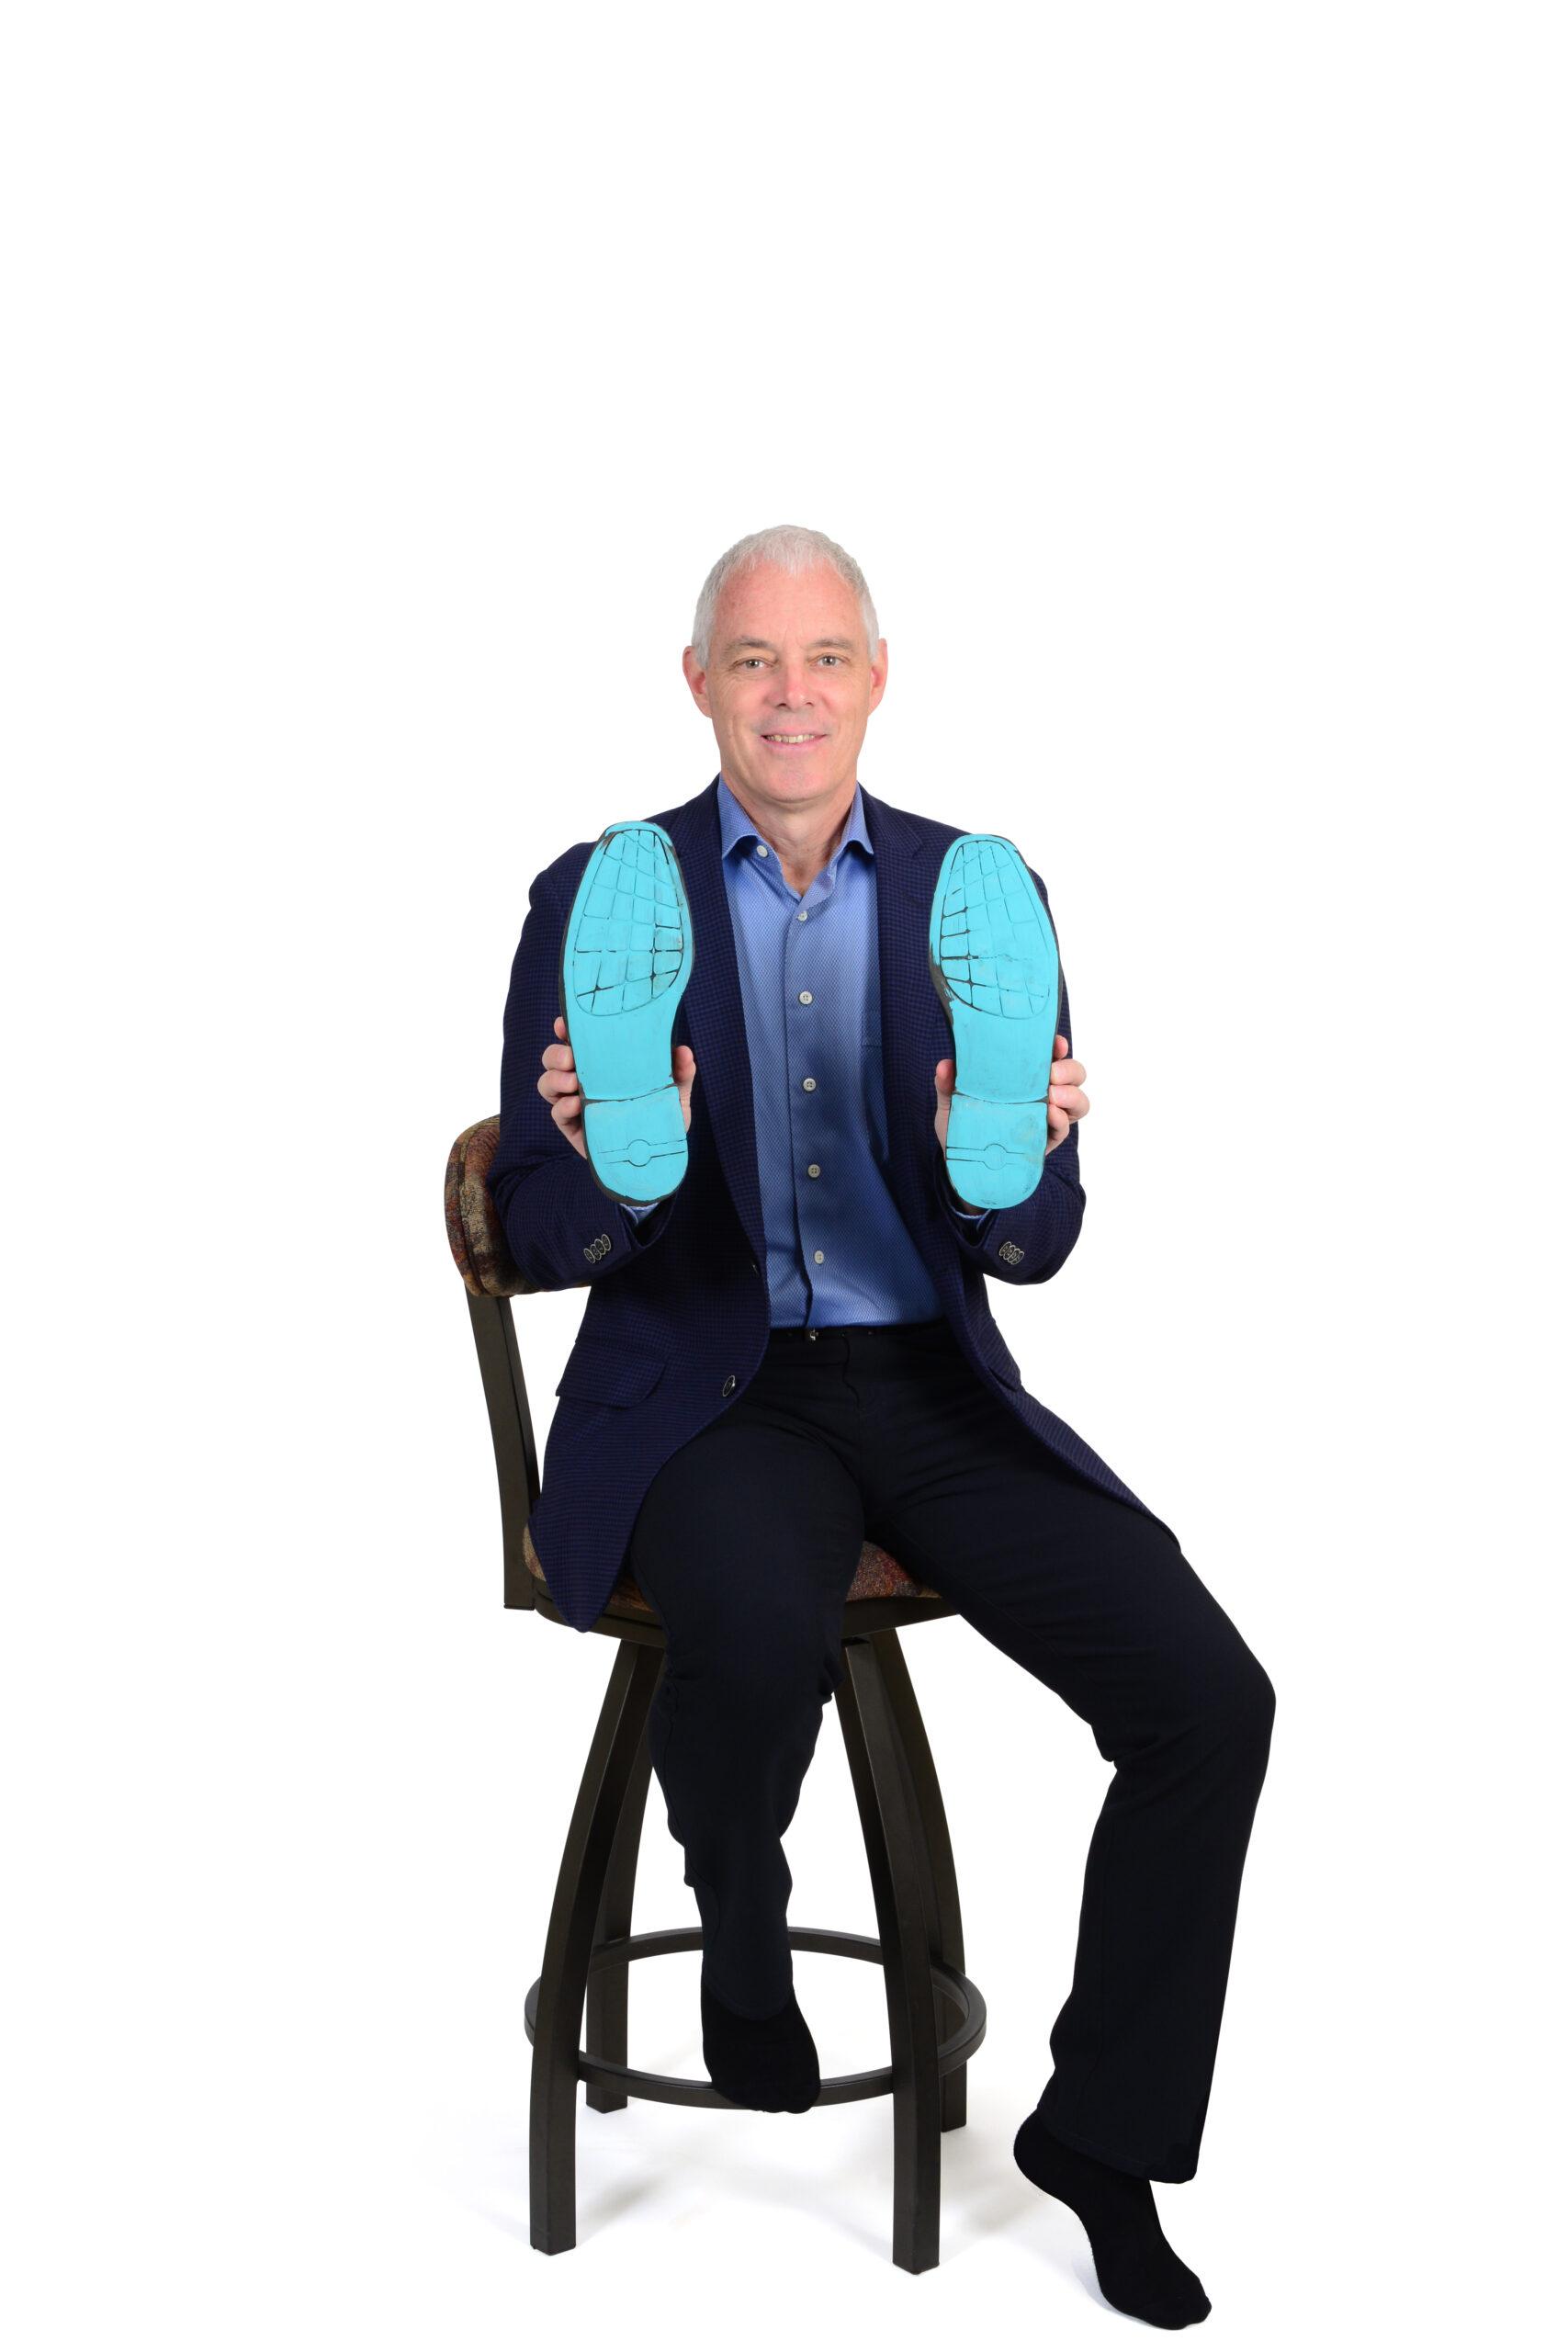 Jim Scott showing his sole